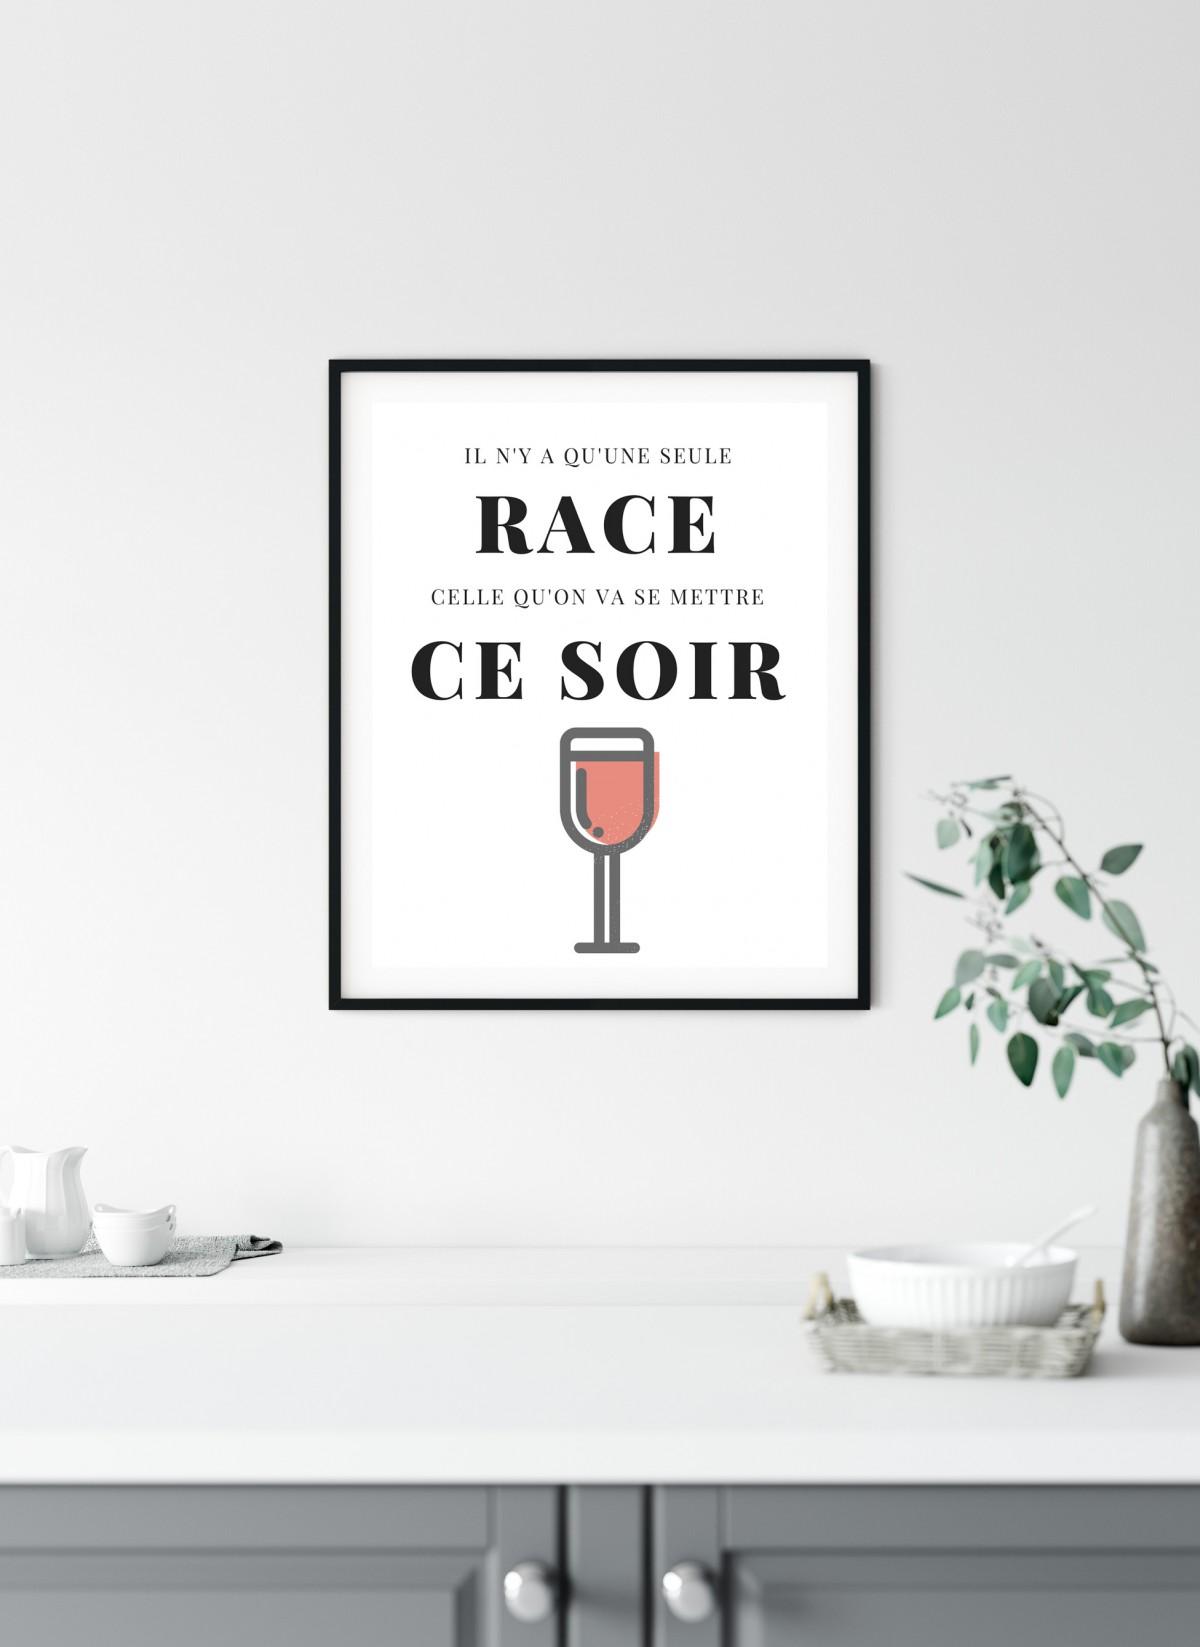 Image Pour Mettre Dans Un Cadre affiche il n'y a qu'une seule race